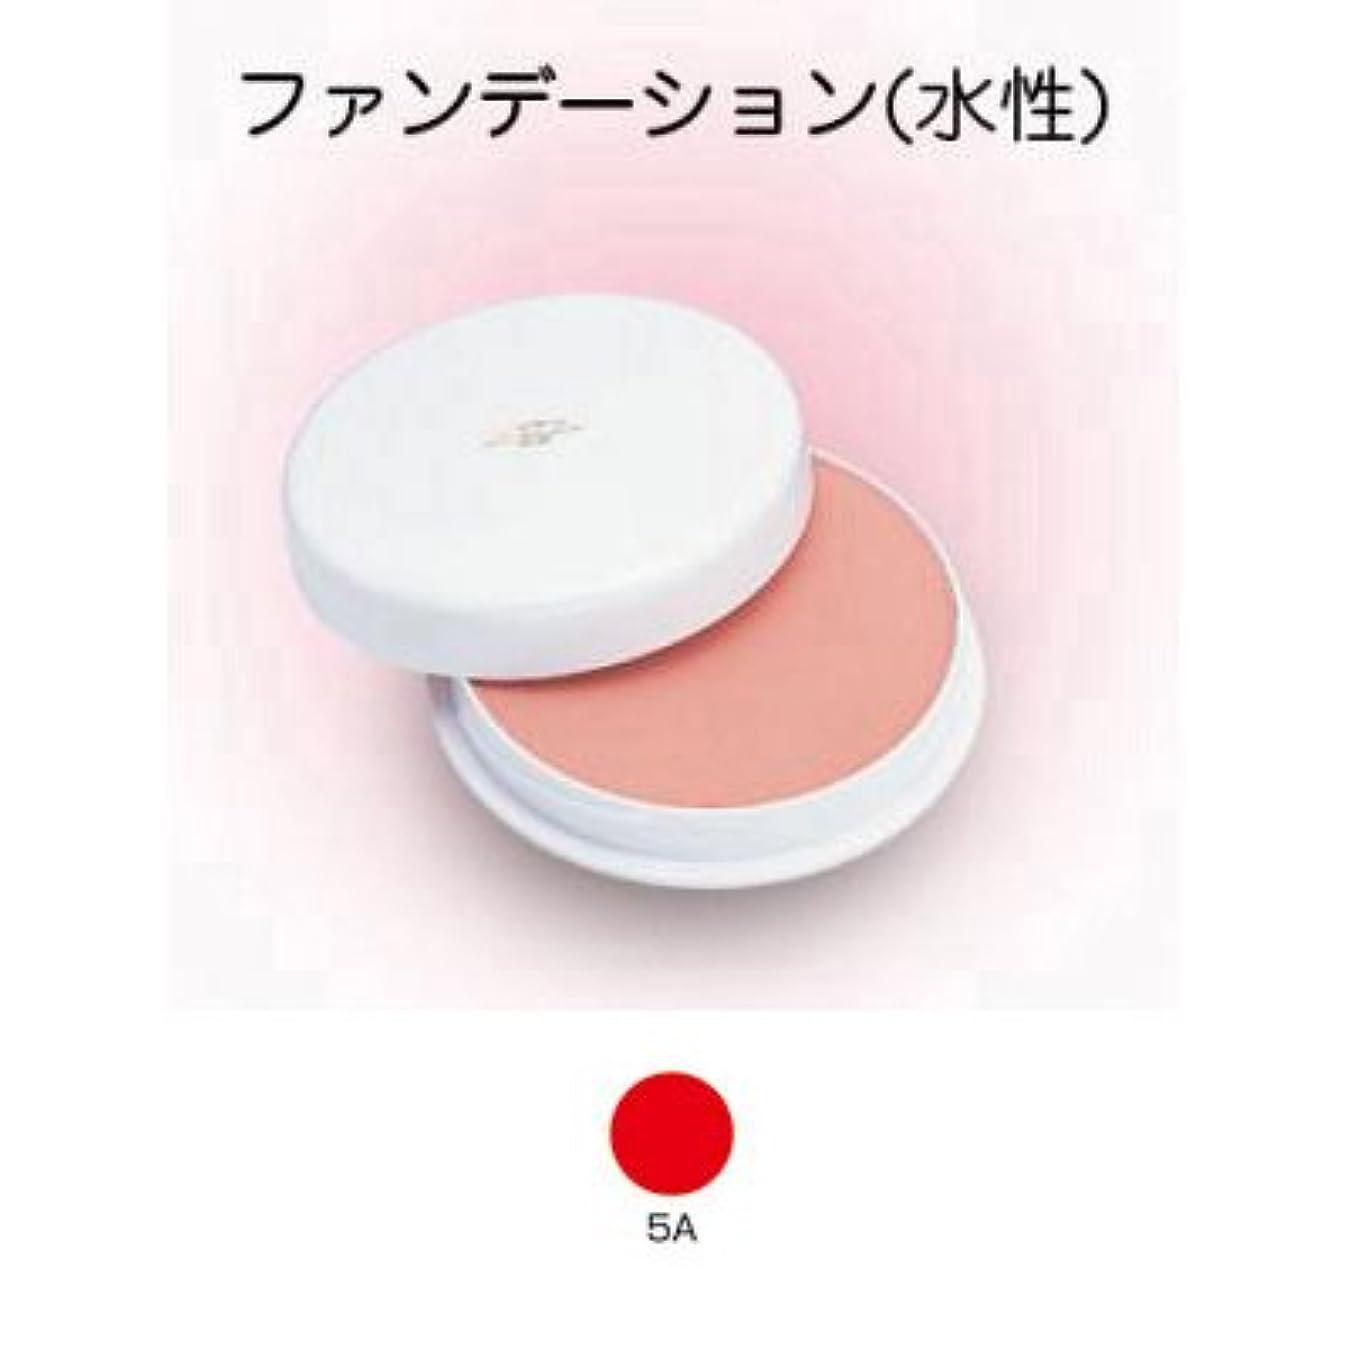 根拠ご意見もフェースケーキ 60g 5A 【三善】